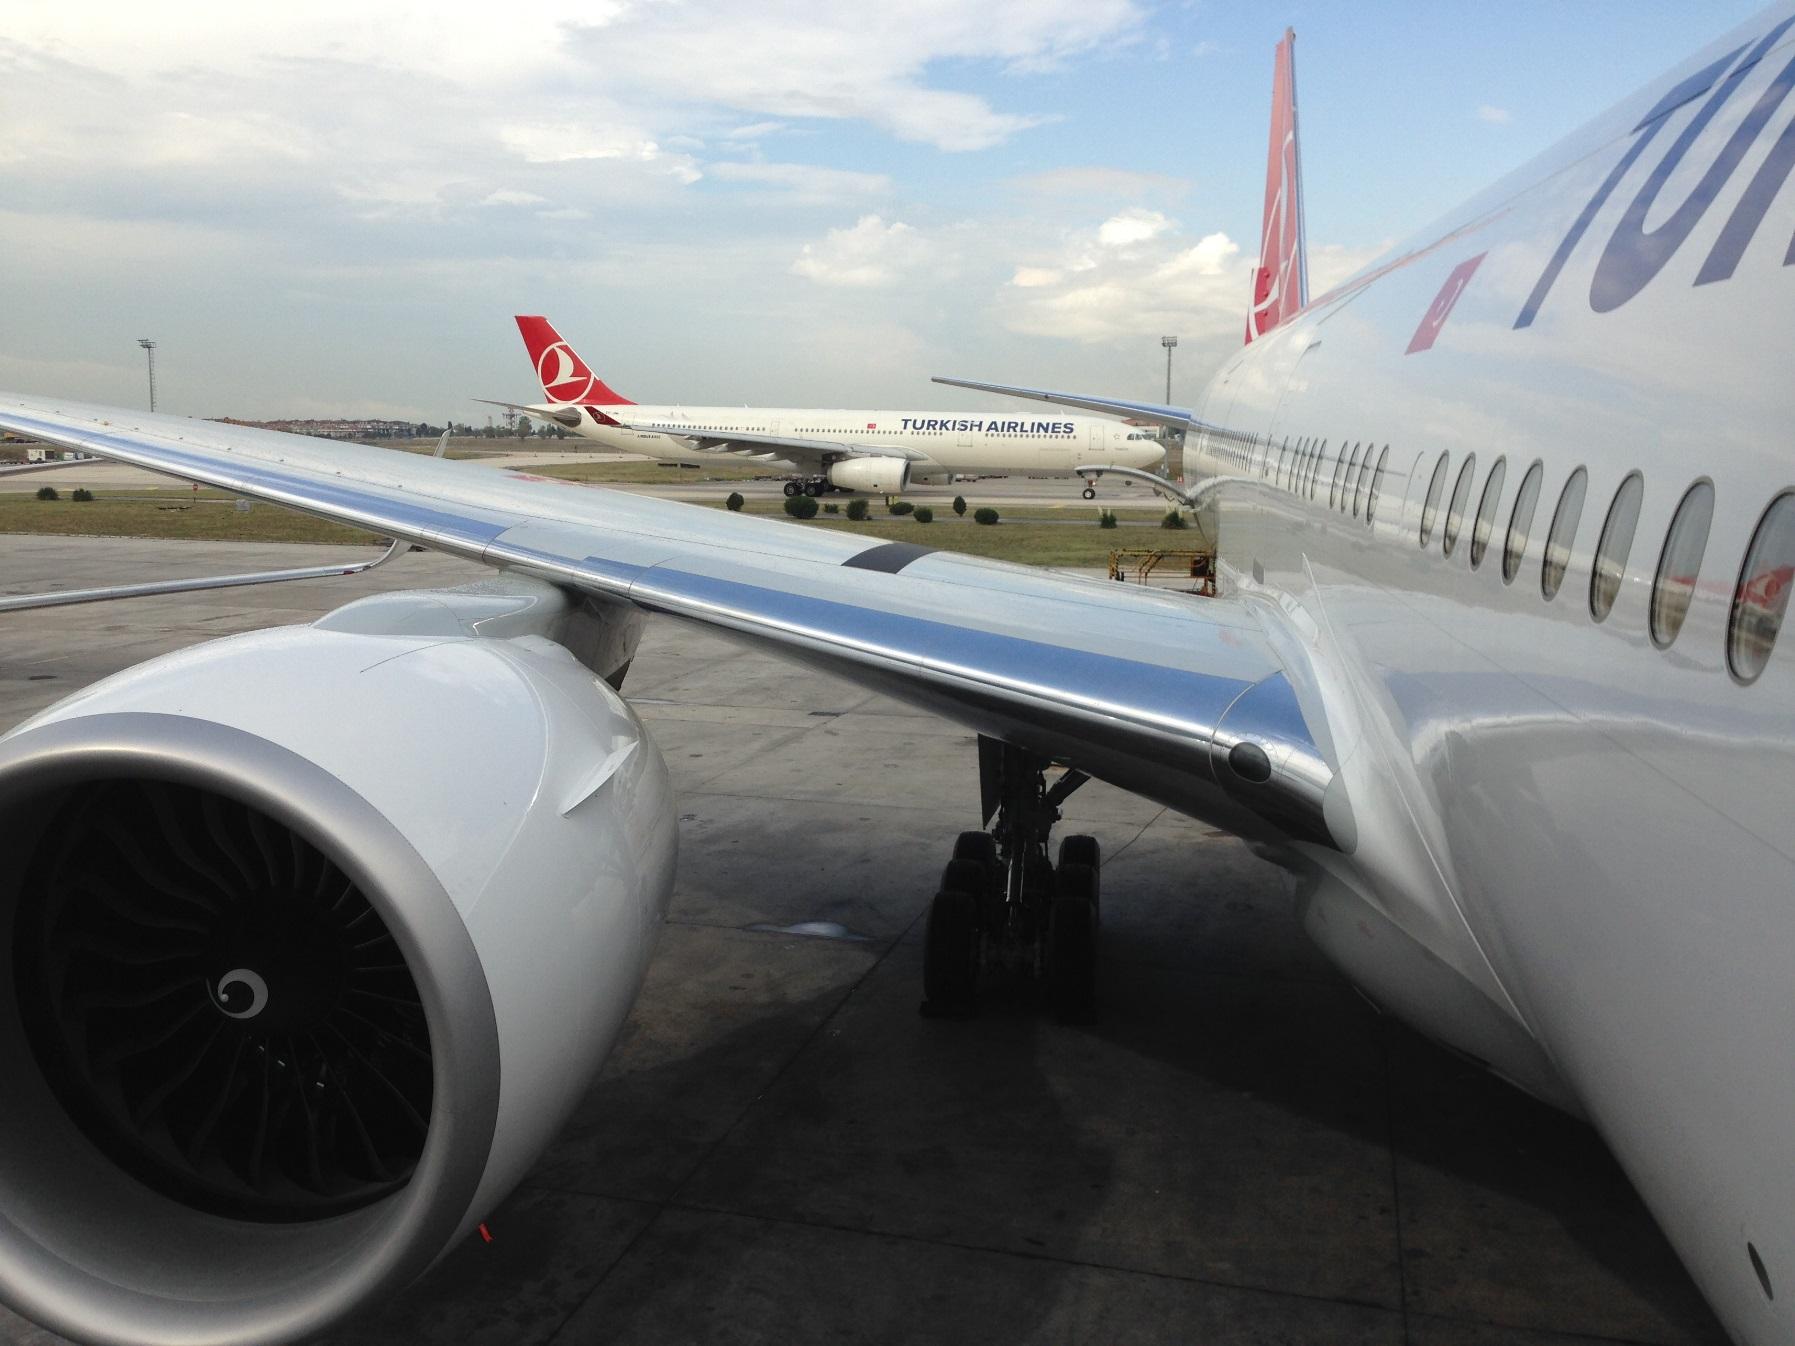 THY_Turkish Airlines_Boeing 777-300ER_TC-JJT_001